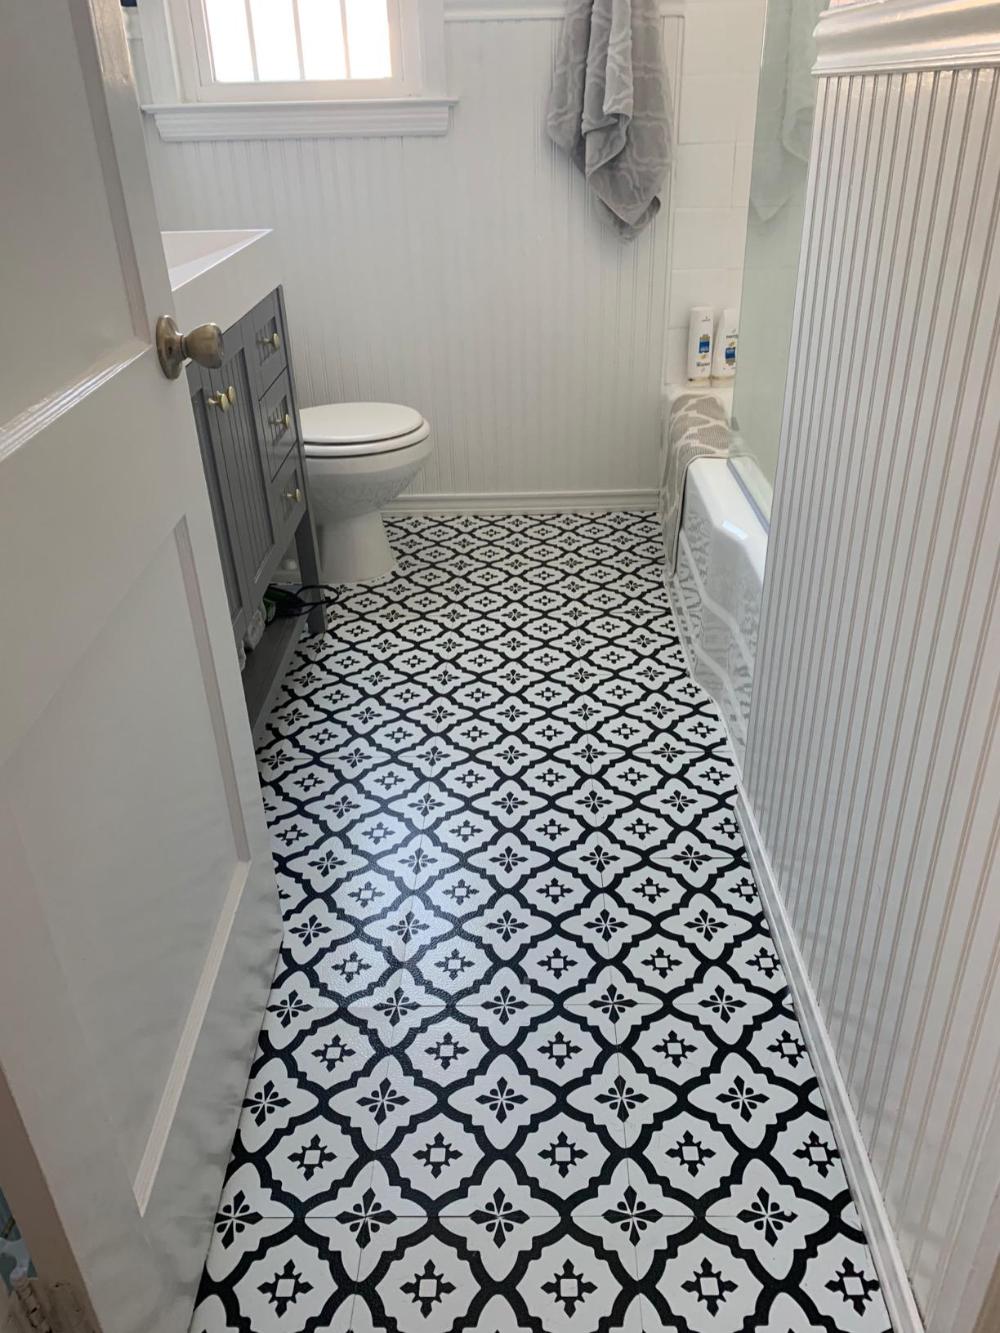 Floorpops Fp2480 Comet Peel Stick Tiles Floor Decal Black Amazon Com Basement Bathroom Remodeling Guest Bathroom Remodel Small Bathroom Makeover